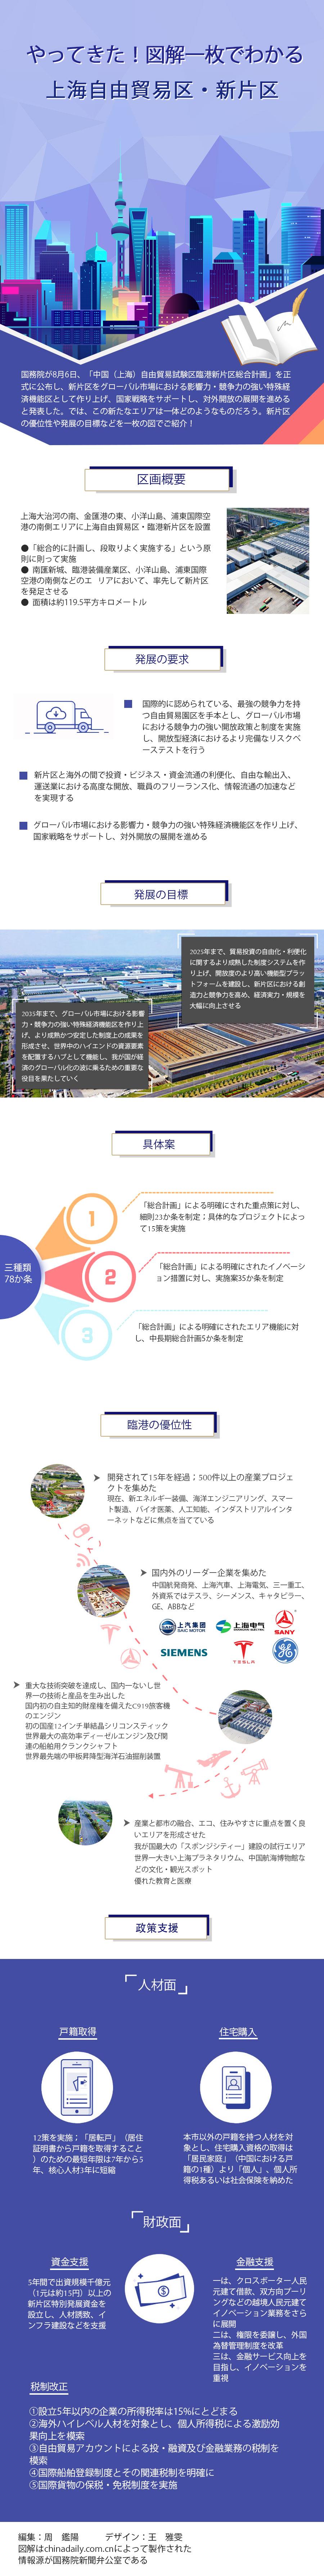 日语(2).jpg